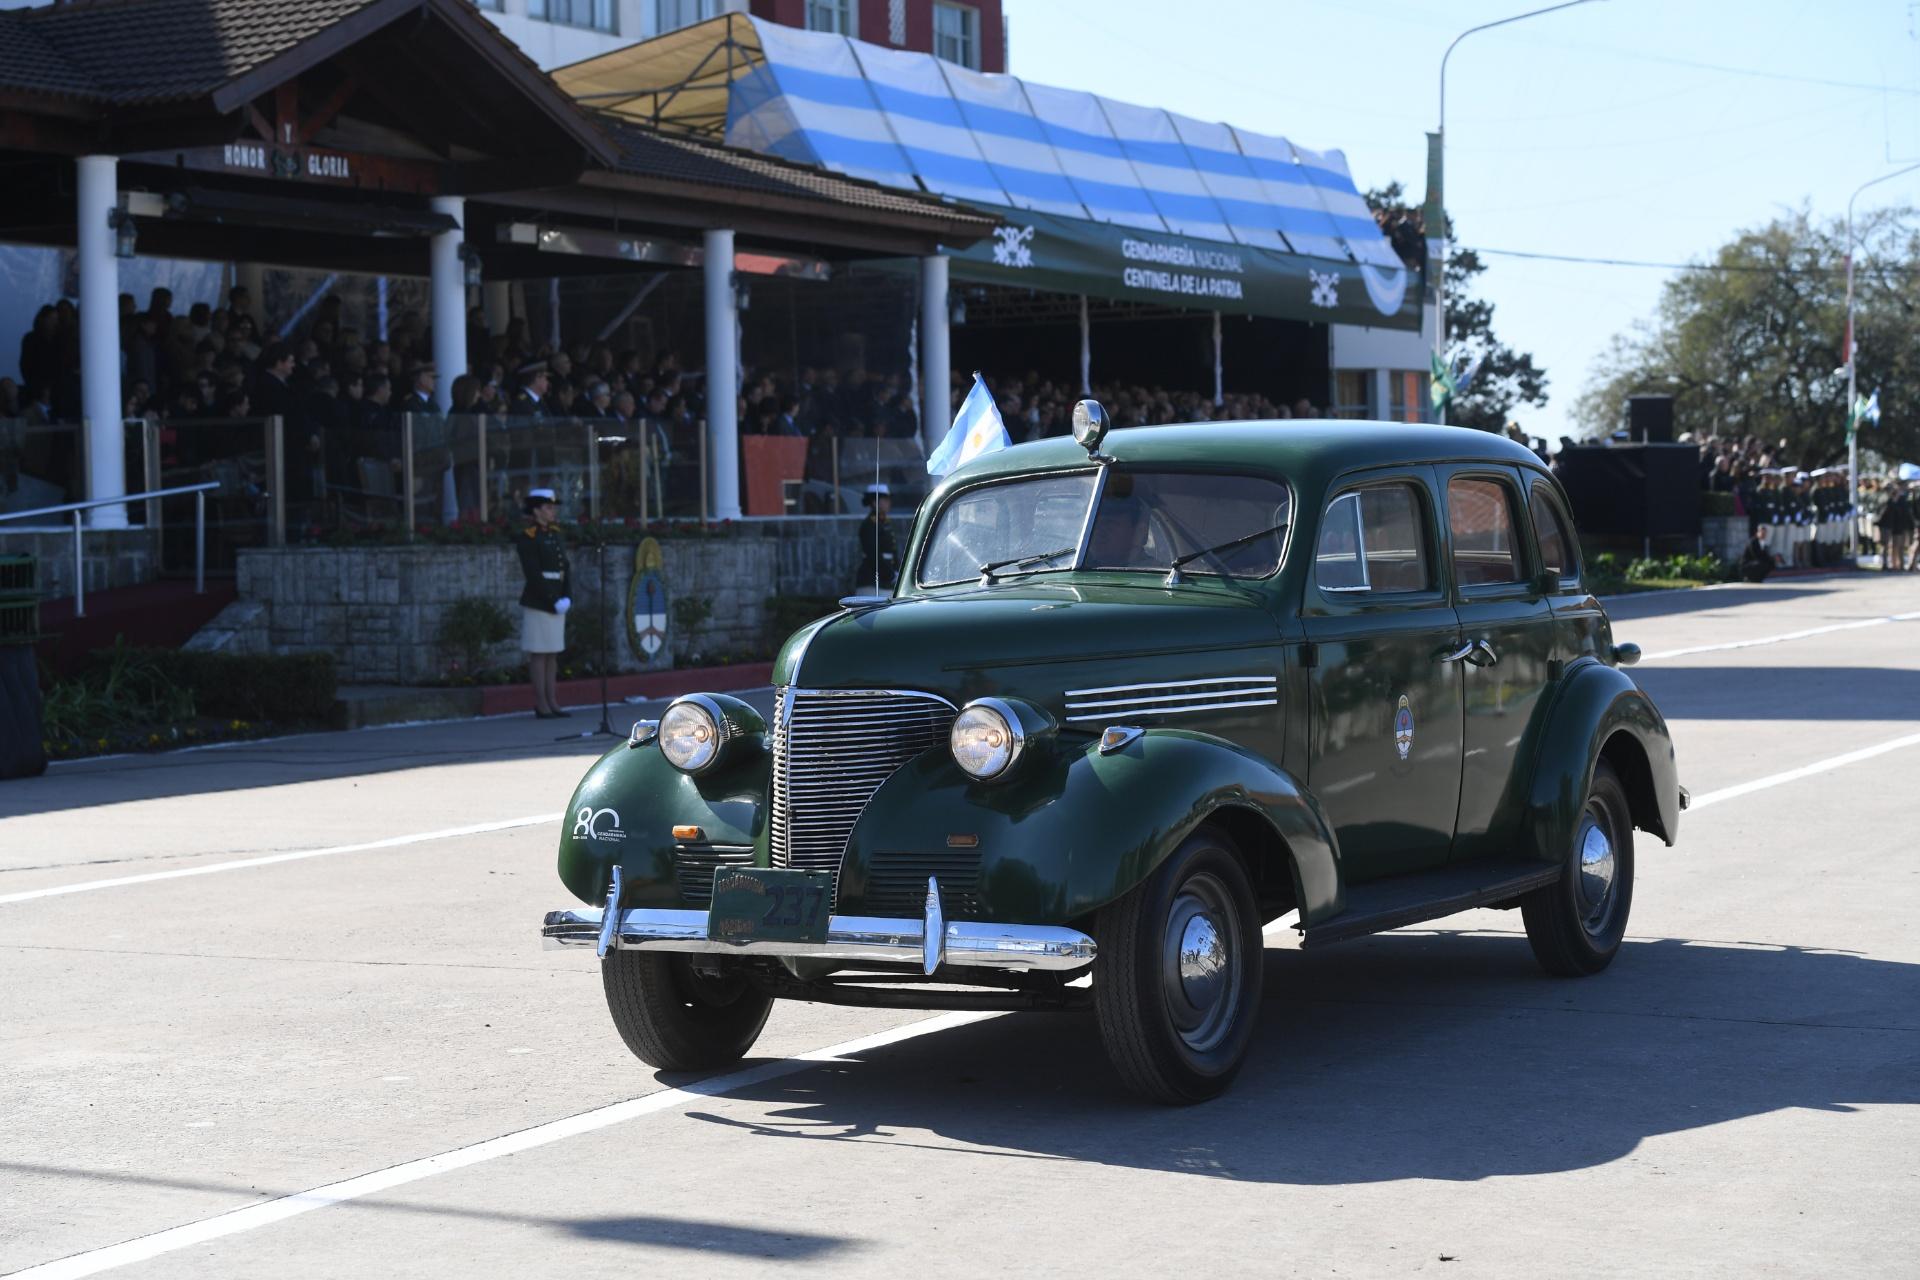 Histórico Chevrolet 1939. Formó parte de la primera dotación de vehículos de la fuerza. Fue destinado a patrullar y trasladar integrantes de la Gendarmería.